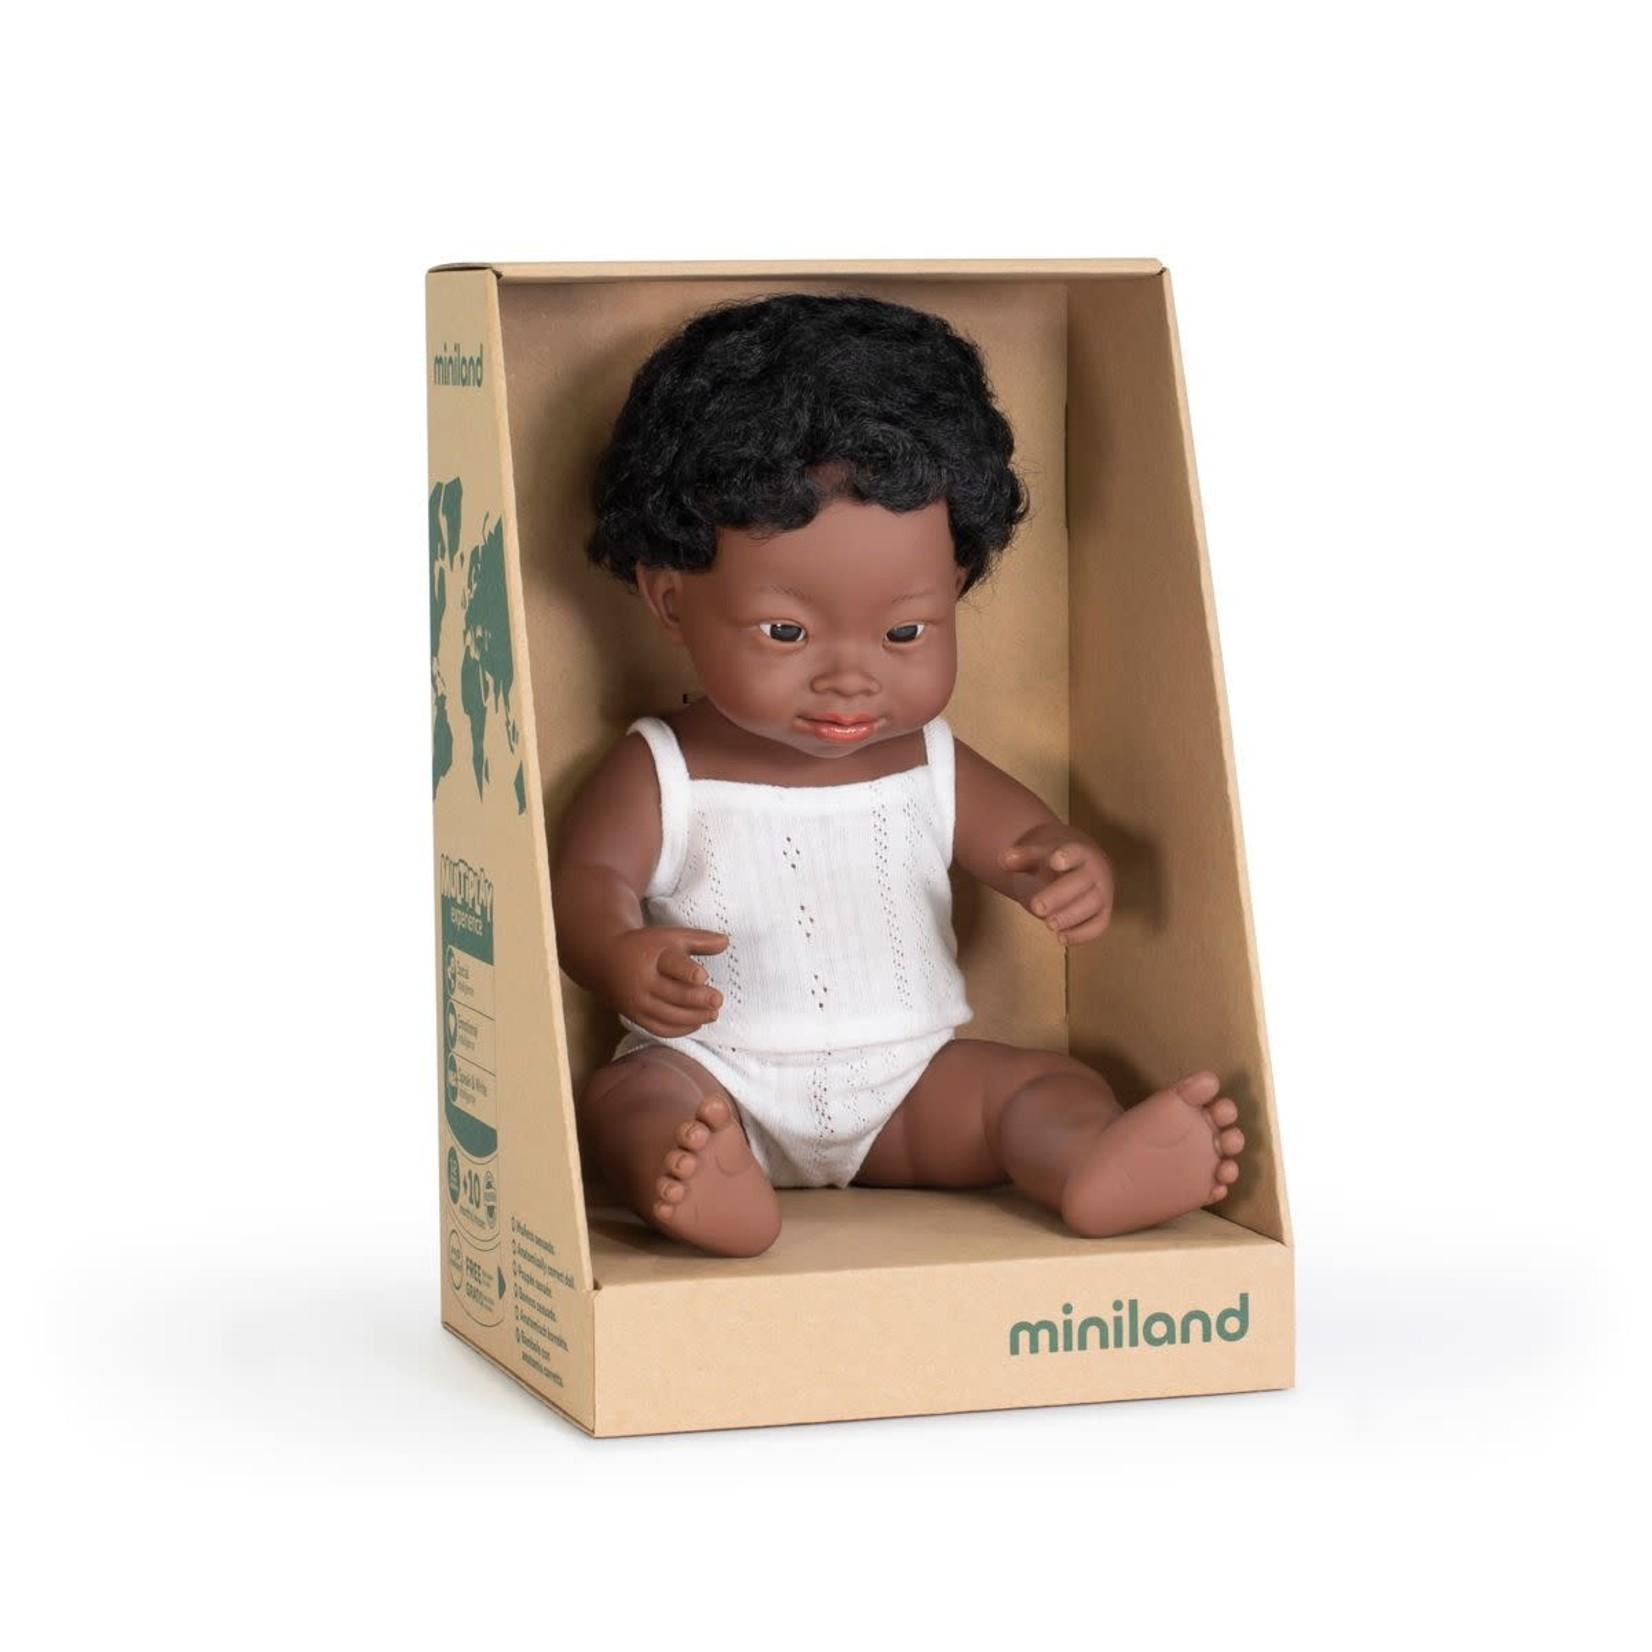 Miniland Pop Afrikaanse jongen met syndroom van down (38cm)